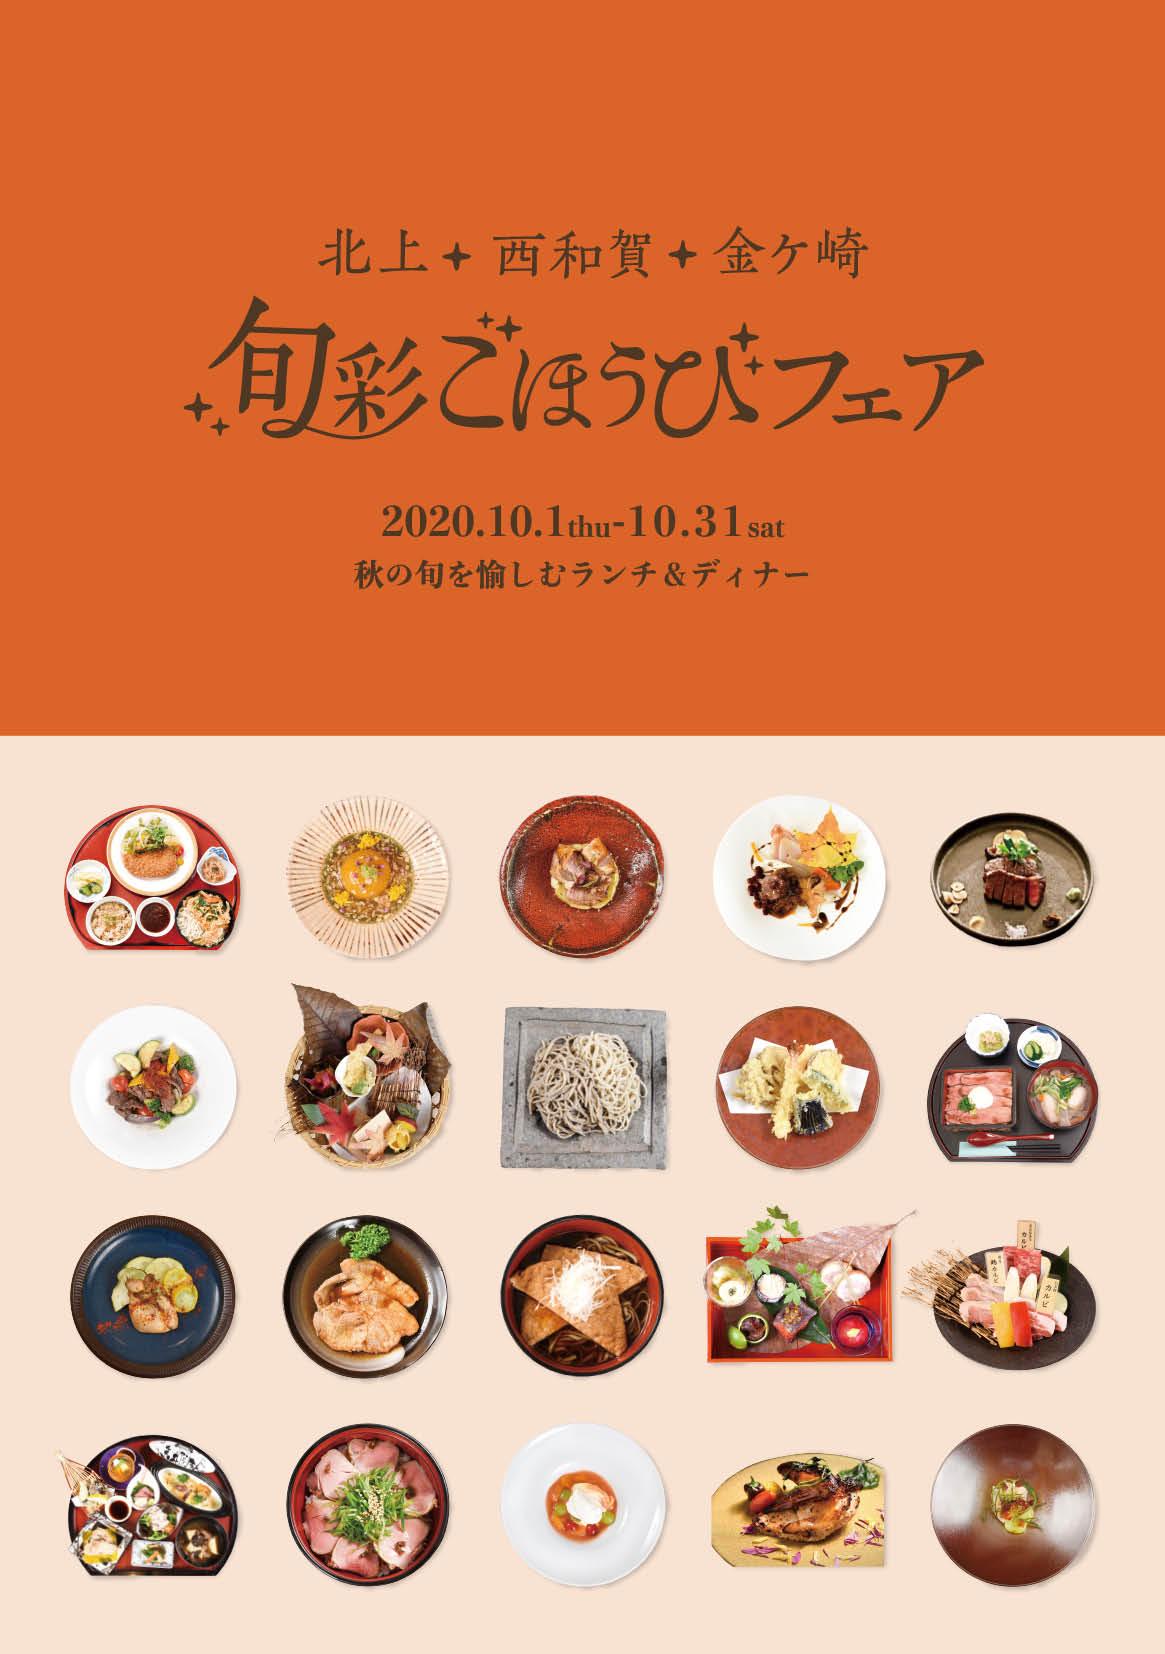 """岩手県南の北上市、西和賀町、金ヶ崎町 この地域にはこだわりの食材をつくる生産者 そして、生産者の情熱と食材を知り尽くし料理で伝える料理人がいます 食材が育った風土の中で 生産者、料理人とふれあい、料理を堪能する 自分や大切な人との""""ごほうび""""に 秋の""""旬""""をどうぞお楽しみください ..."""